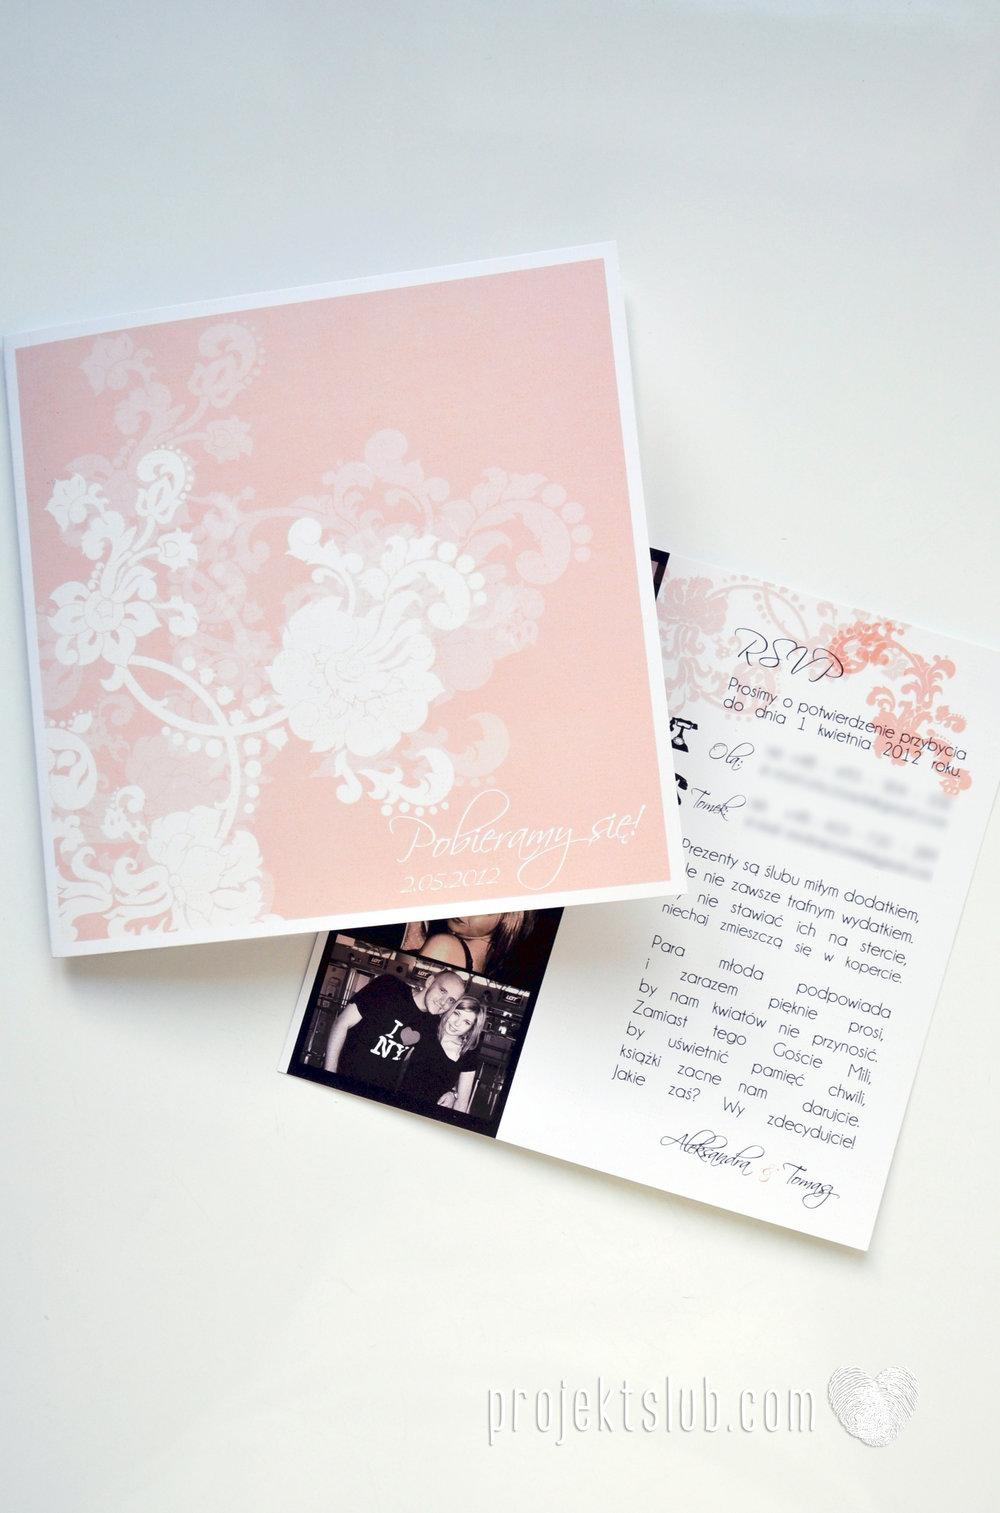 zaproszenia ślubne pudrowa elegancja róż pastele delikatne graficzne motywy klasyczny format projekt ślub (5).jpg